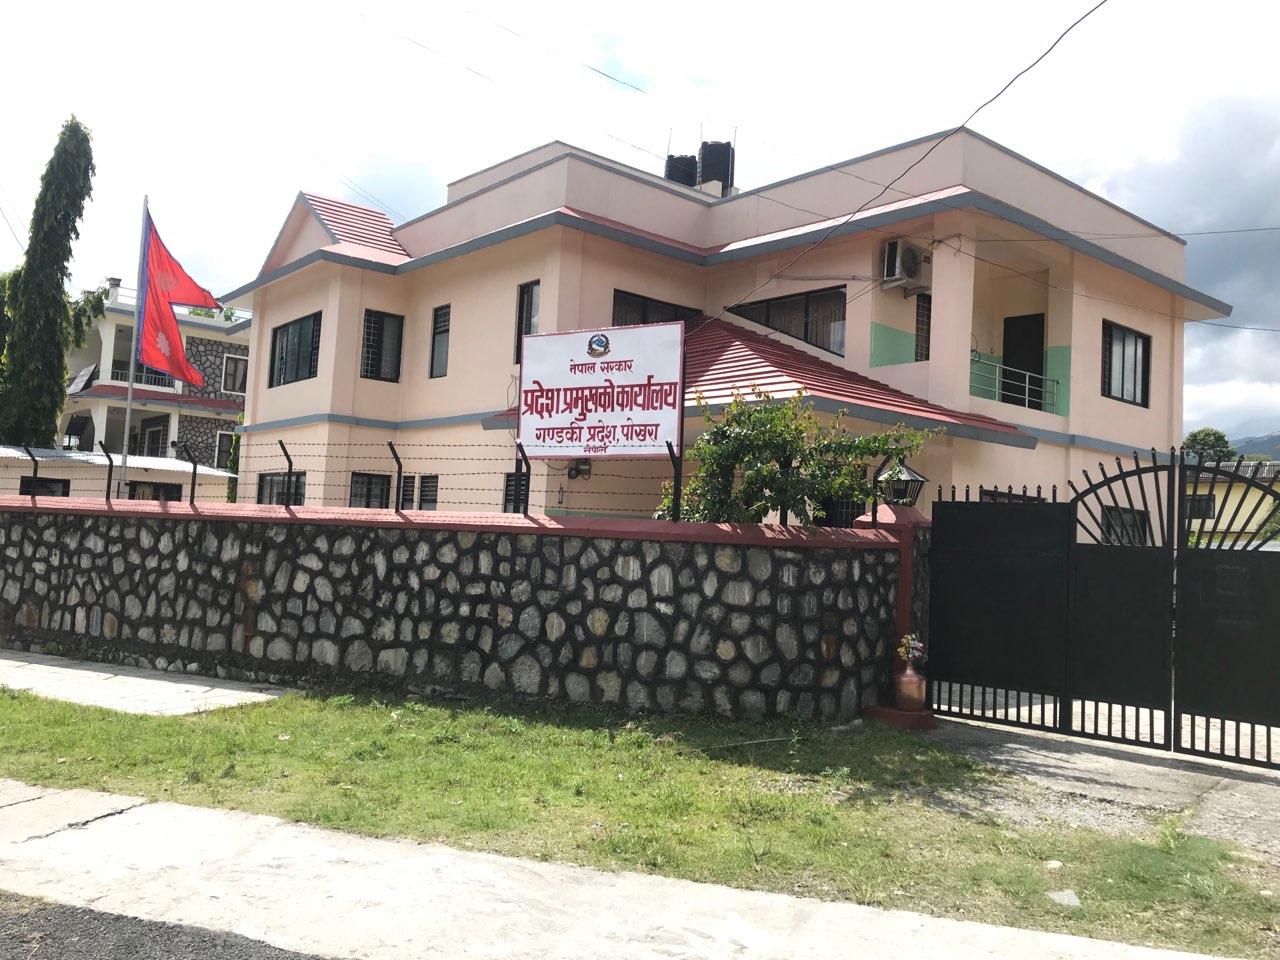 गण्डकी प्रदेश प्रमुखको कार्यालय पोखरा